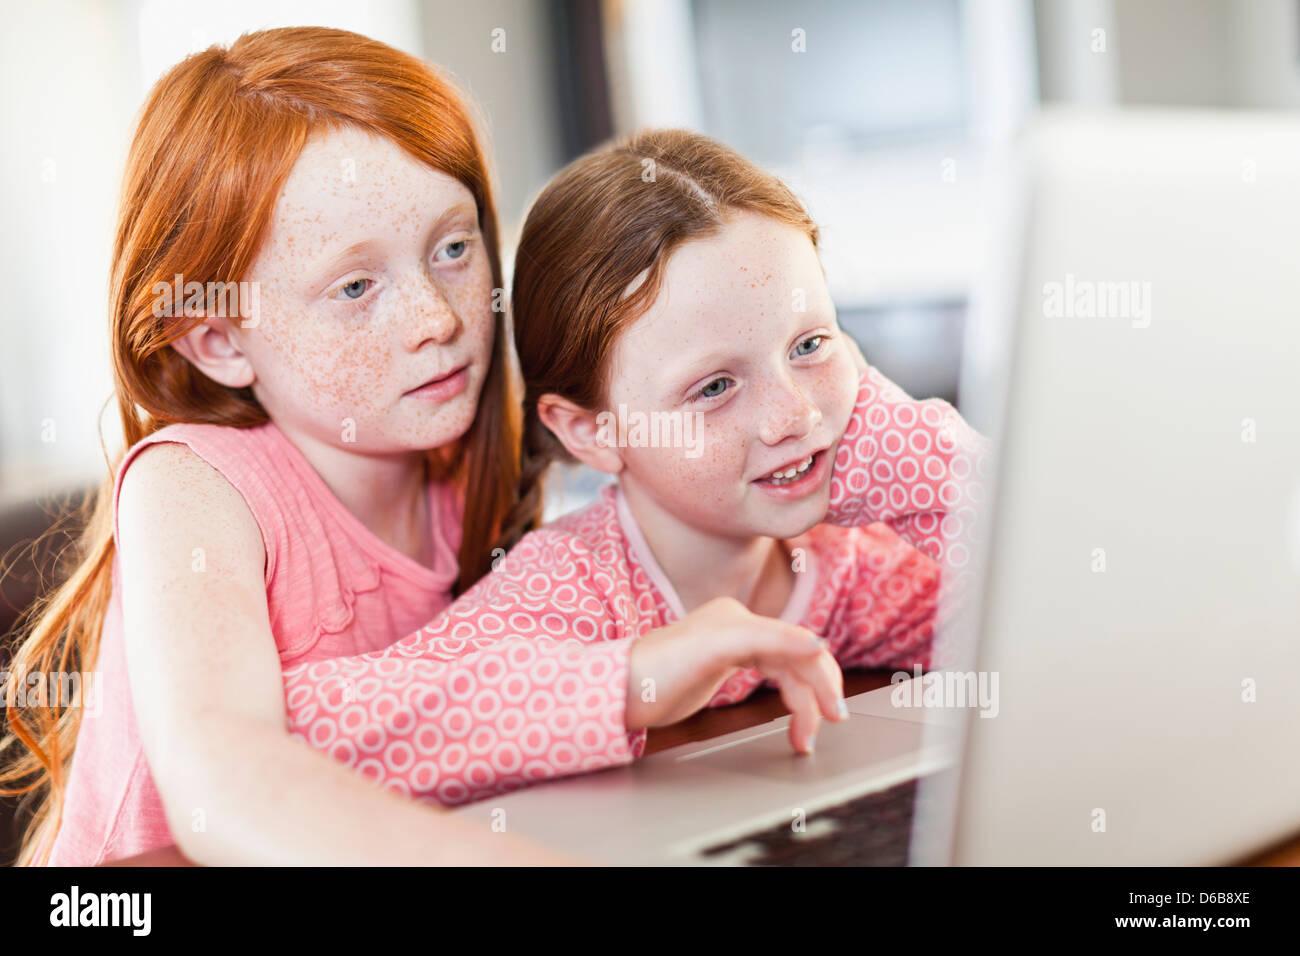 Las niñas utilizando laptop juntos Imagen De Stock